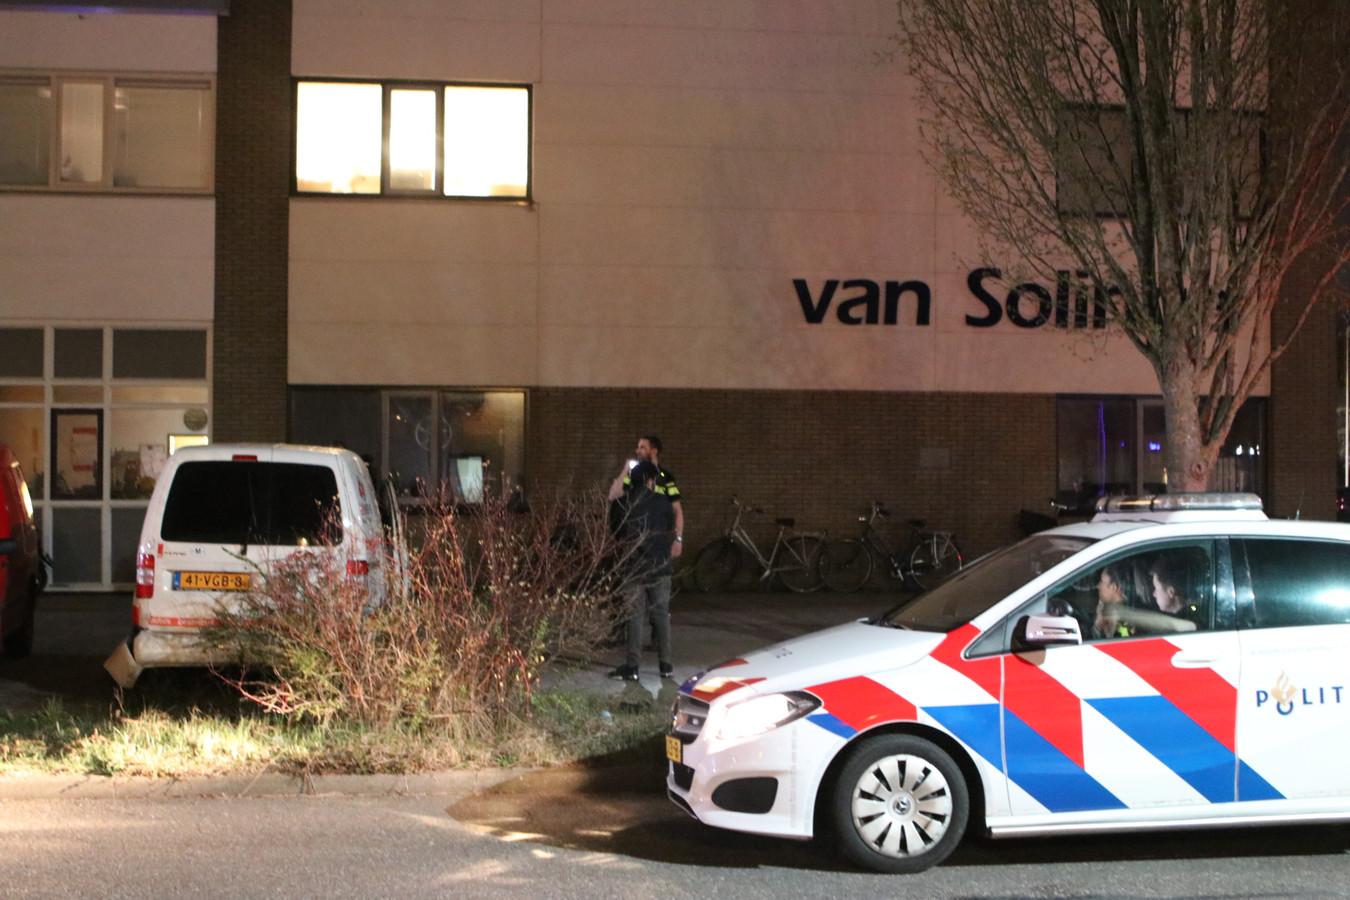 De politie is aanwezig op de locatie van de mogelijke schietpartij in Ede.